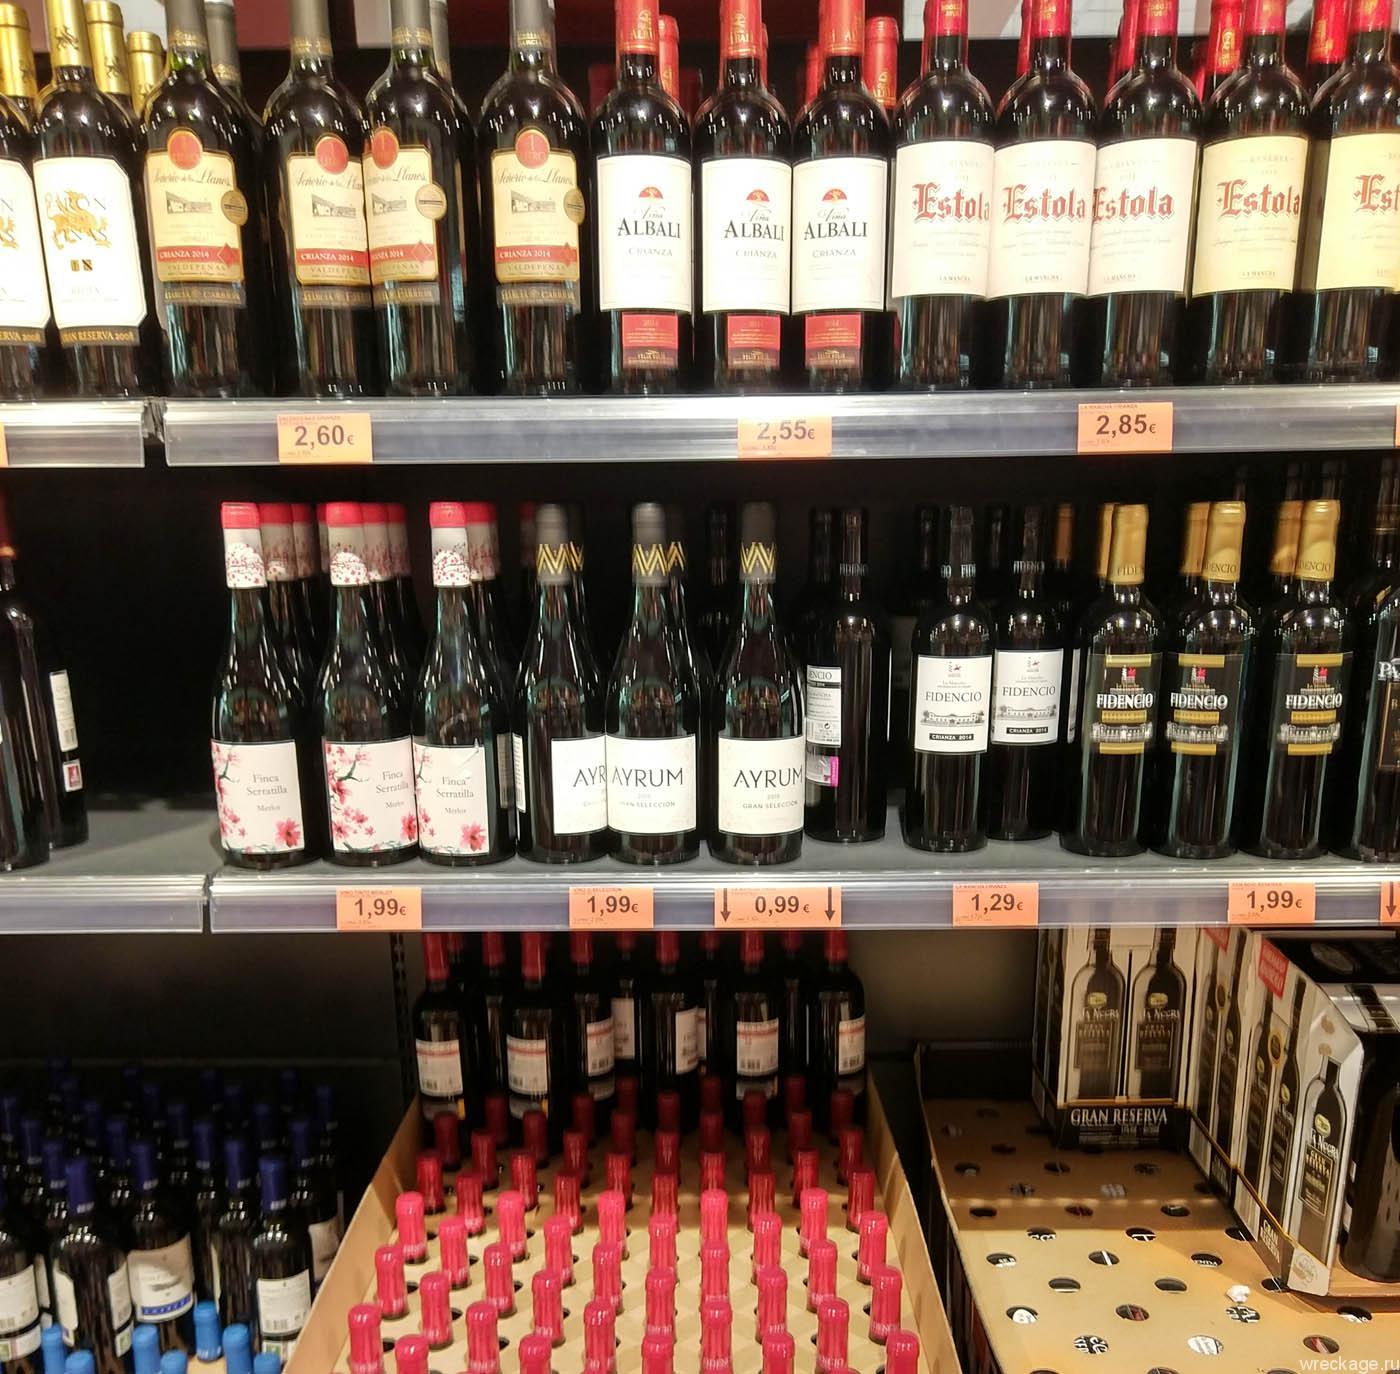 что можно купить в испании в супермаркете вино цены